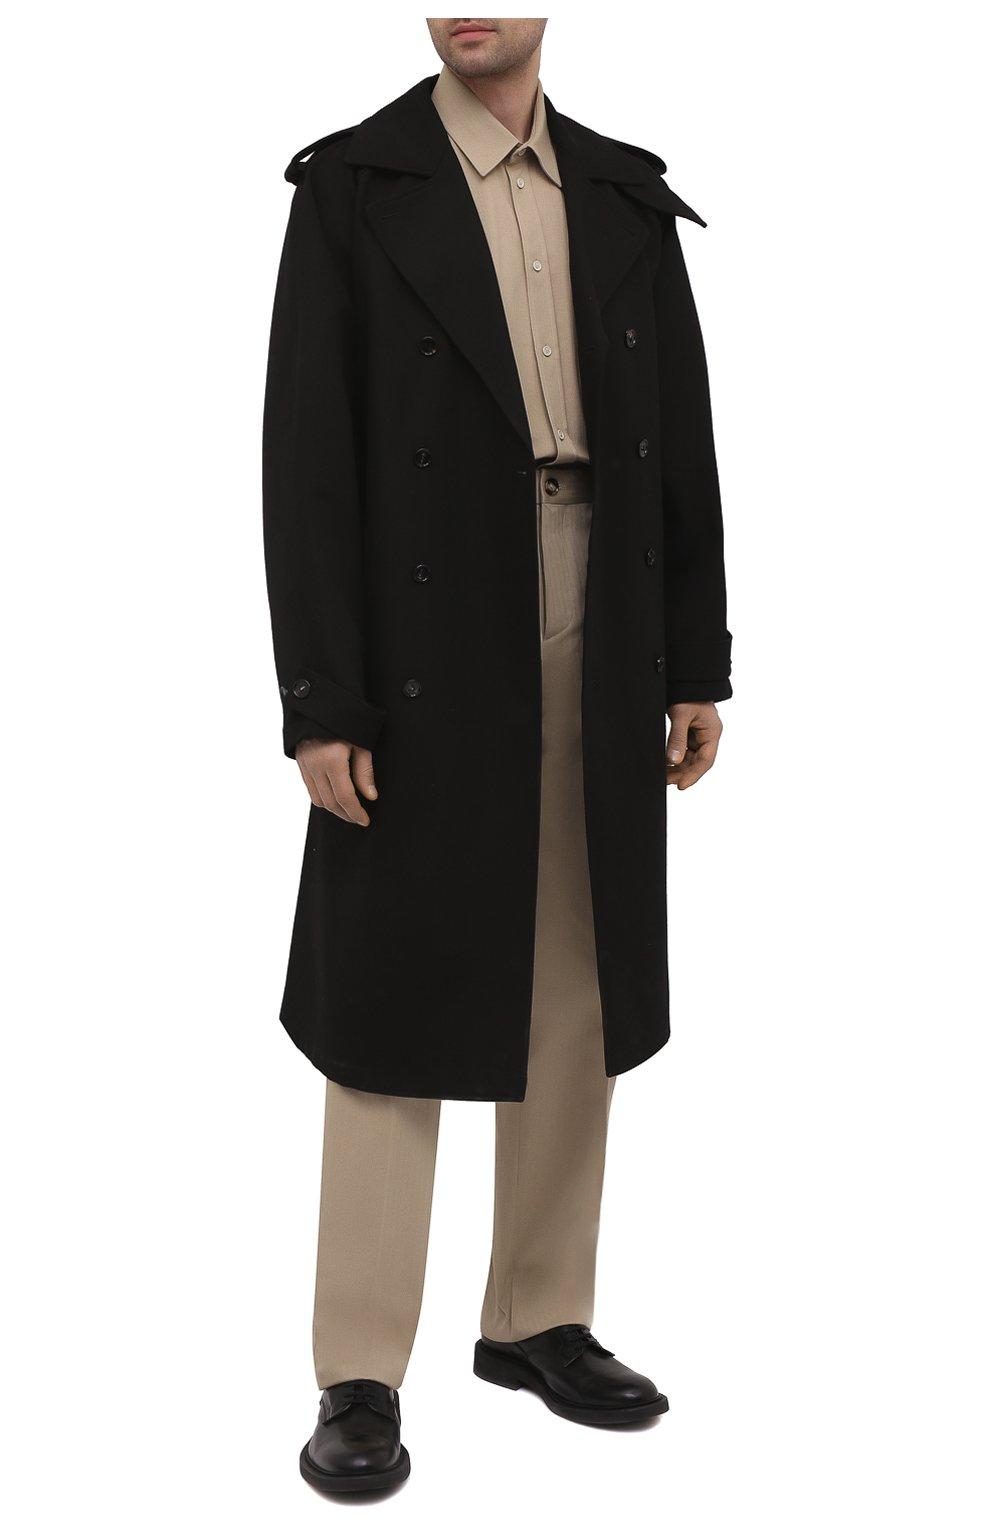 Мужские хлопковые брюки BOTTEGA VENETA бежевого цвета, арт. 651056/V07H0 | Фото 2 (Длина (брюки, джинсы): Стандартные; Случай: Повседневный; Материал внешний: Хлопок; Стили: Минимализм)